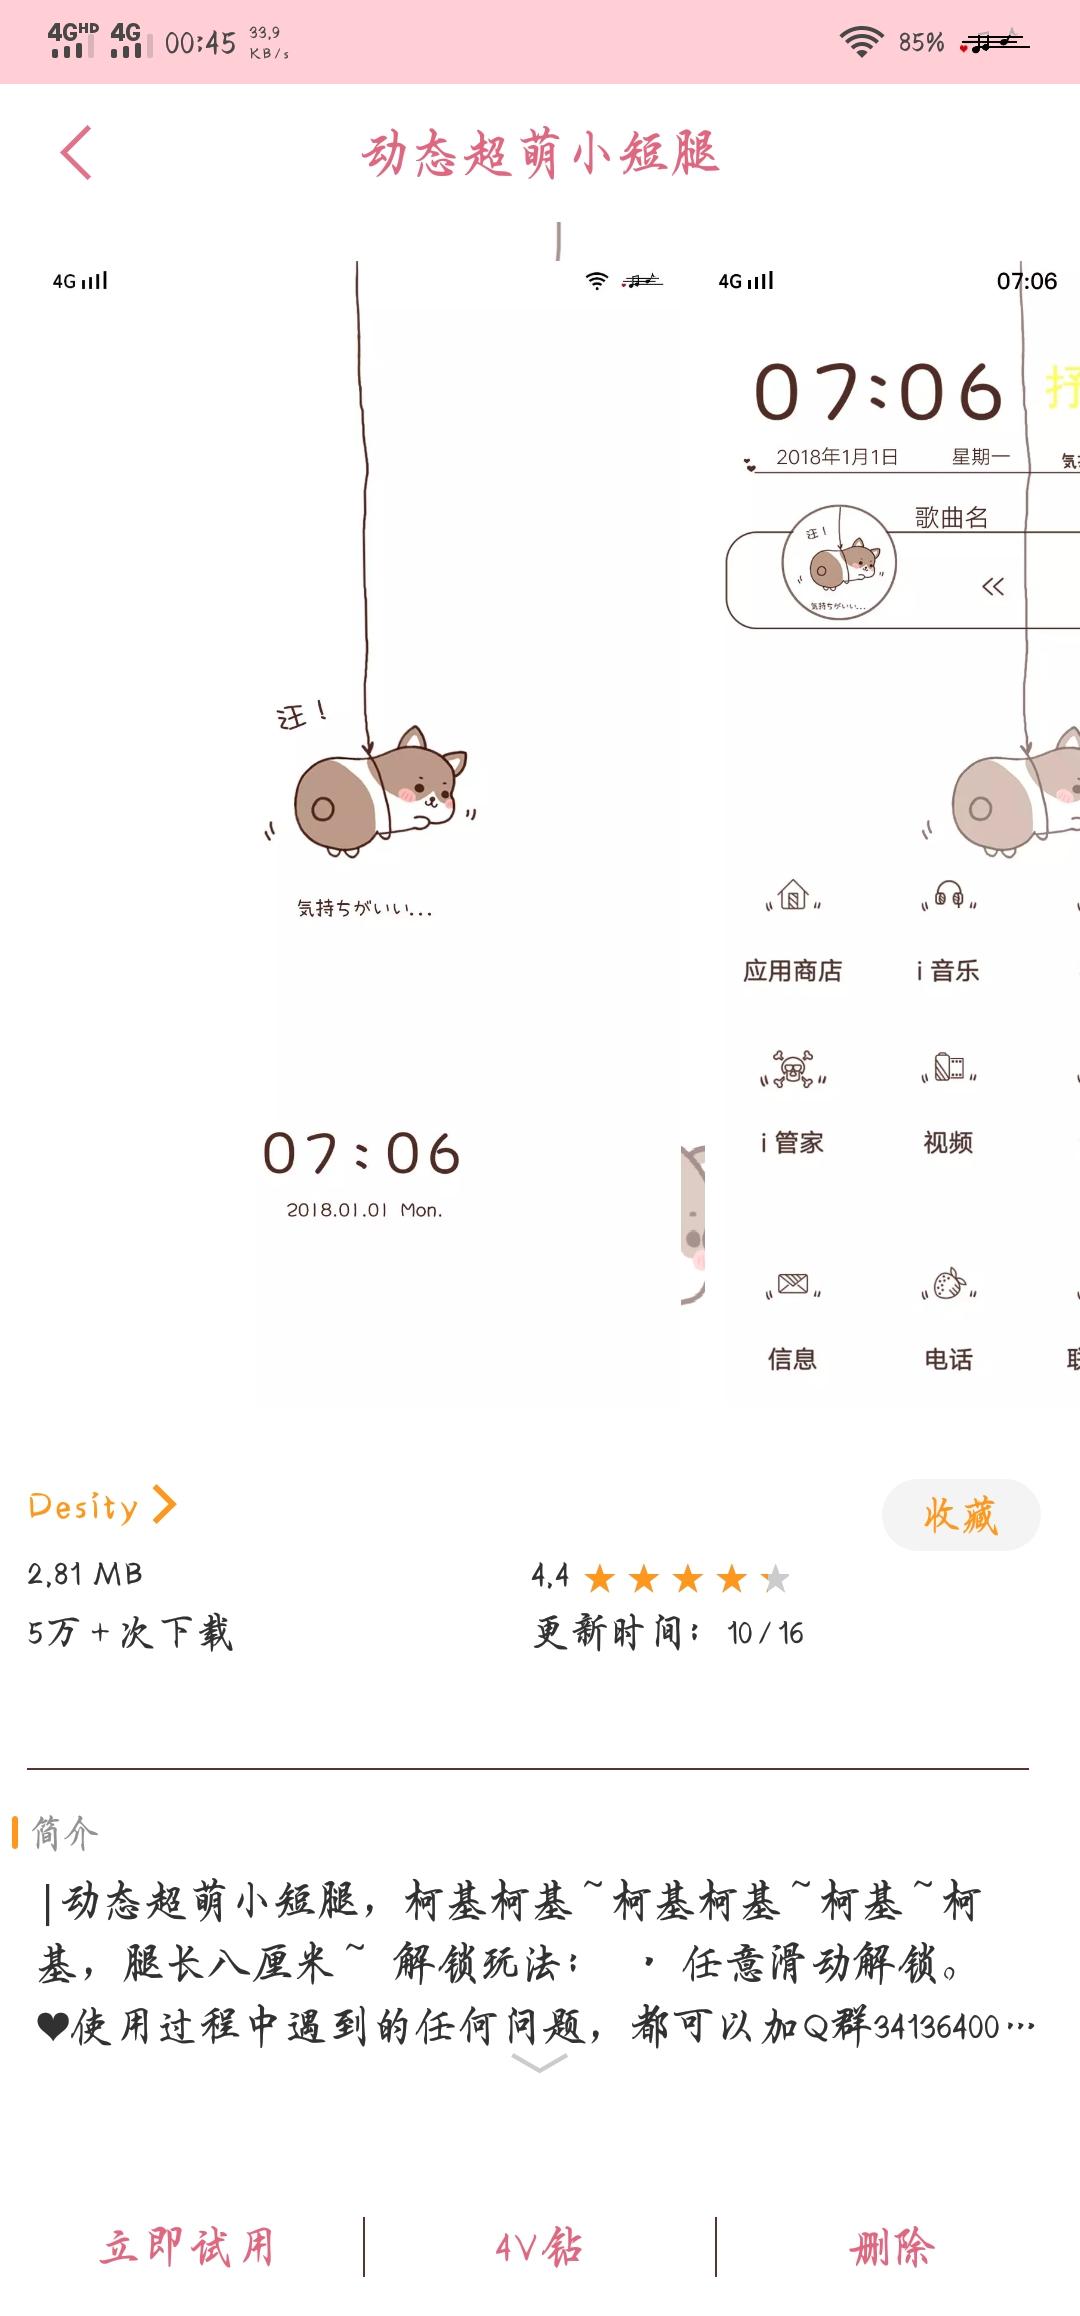 Screenshot_20181201_004506.jpg